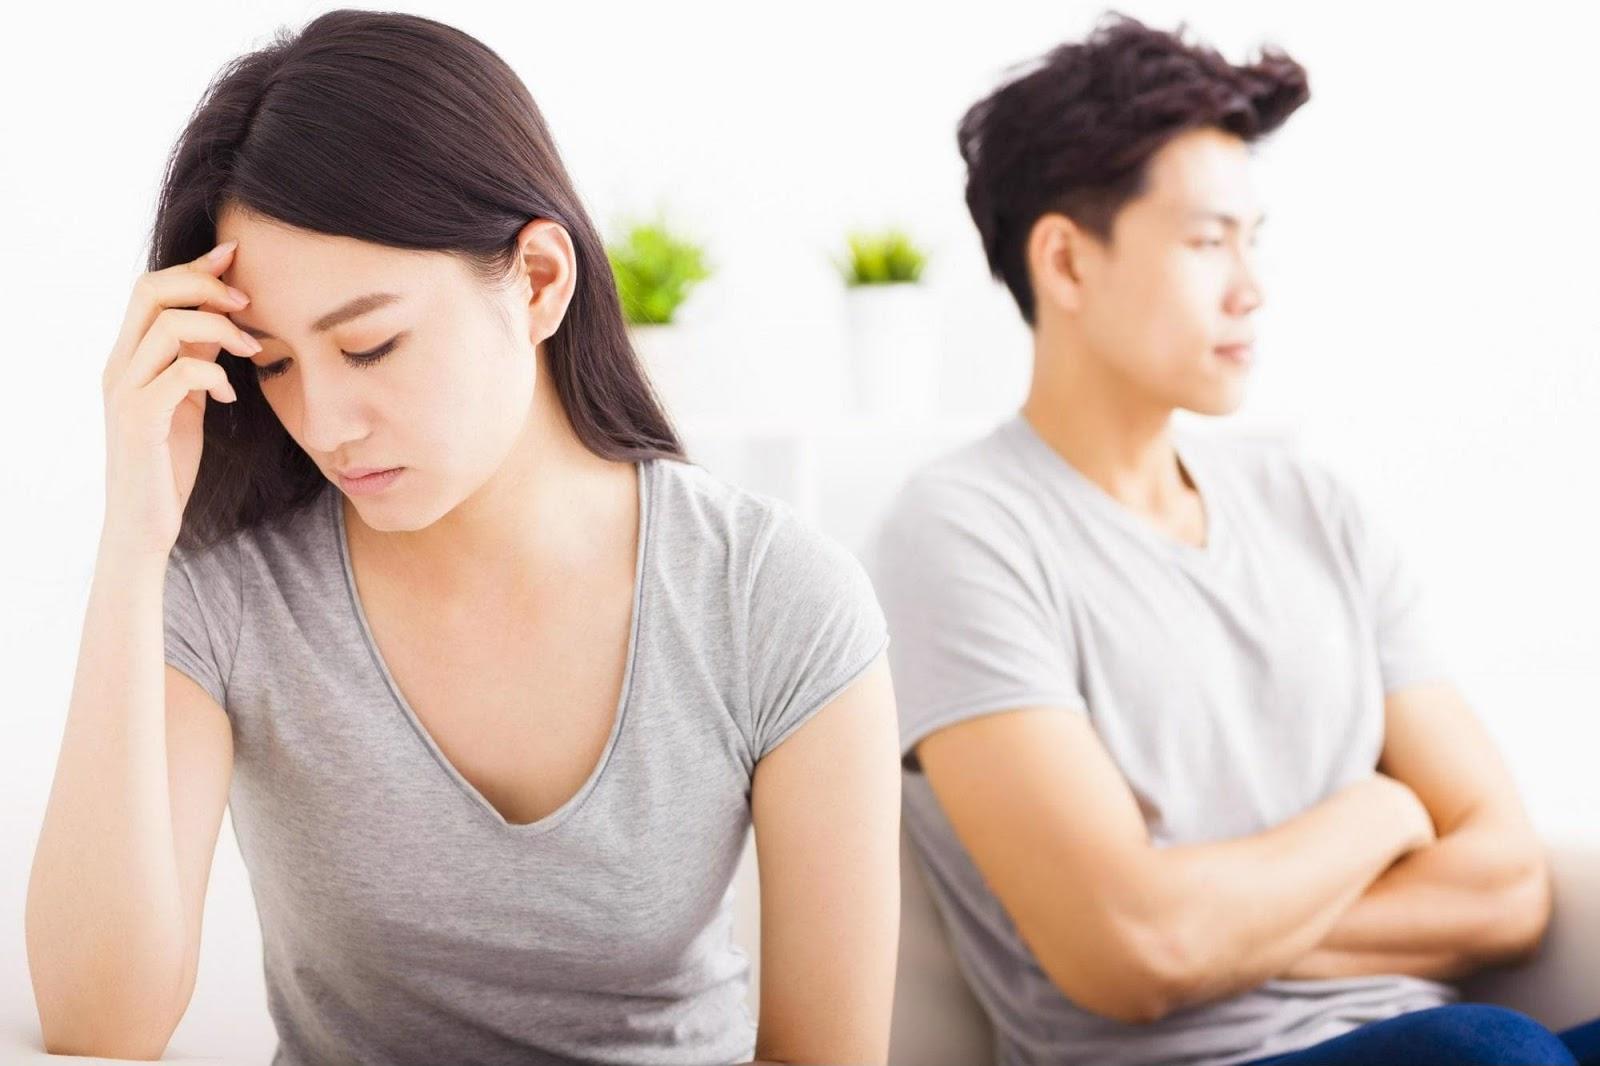 Một số nguyên nhân khiến đàn ông chán 'chuyện yêu' với vợ dù không ngoại tình - Ảnh 1